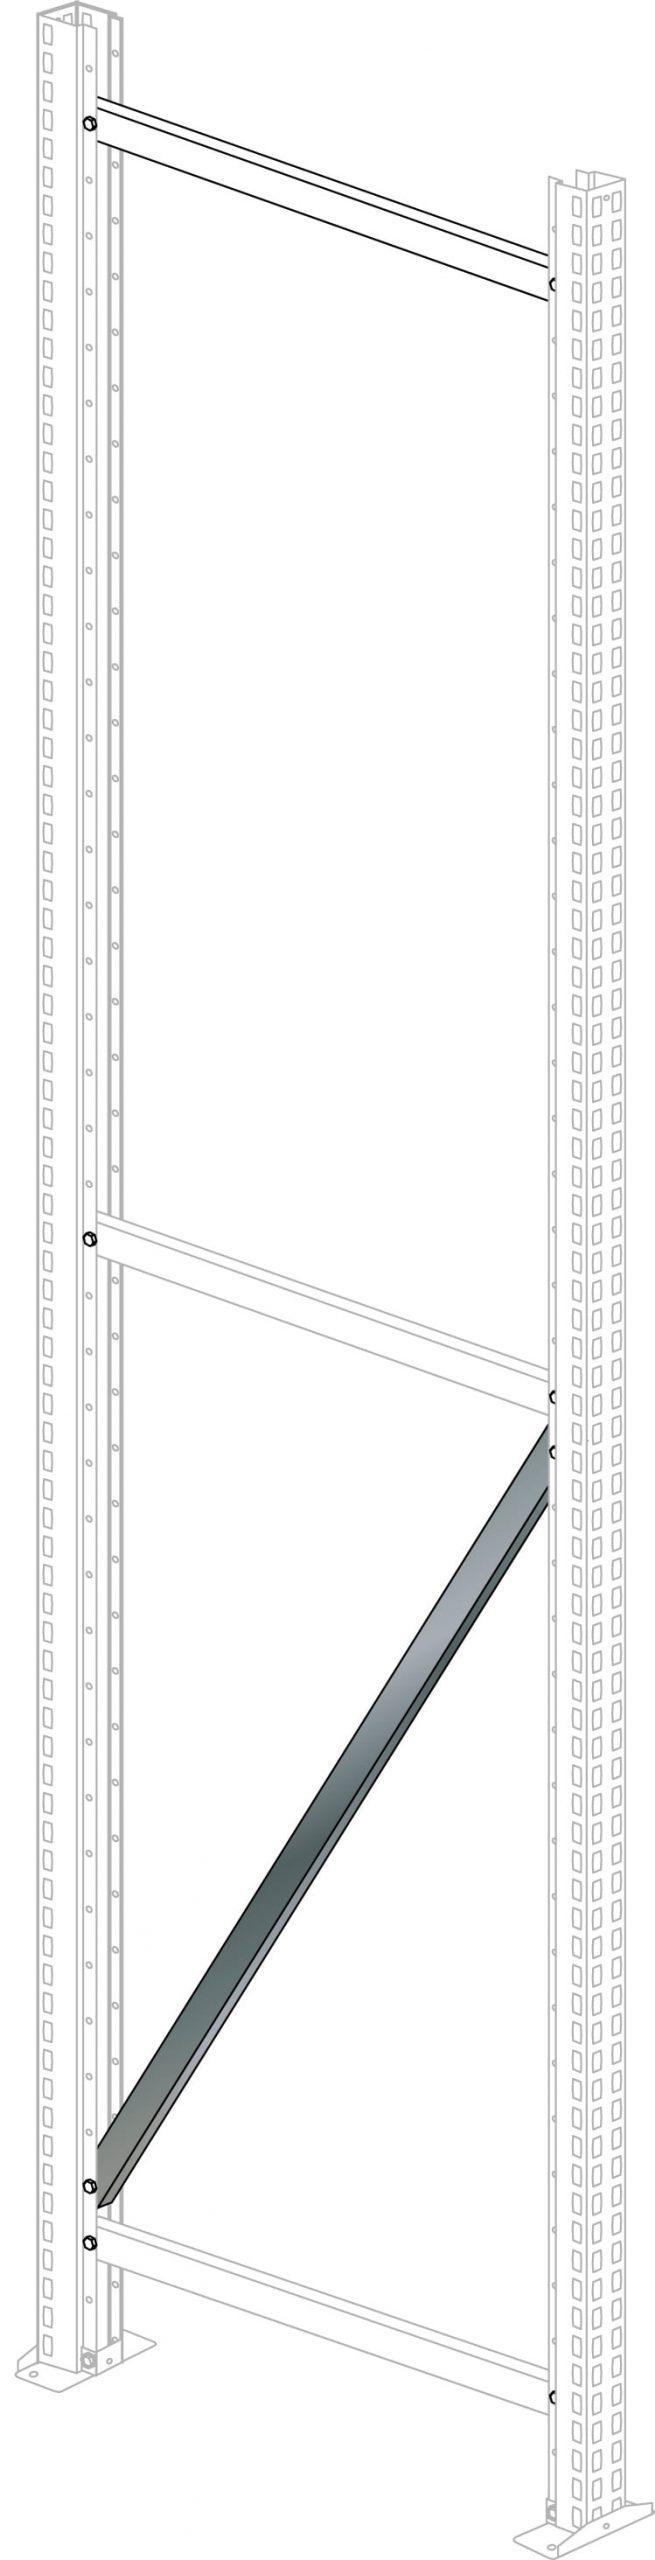 Diagonale 1254 mm für Multifunk- – tionsstütze, Tiefe 1000 mm, verz.